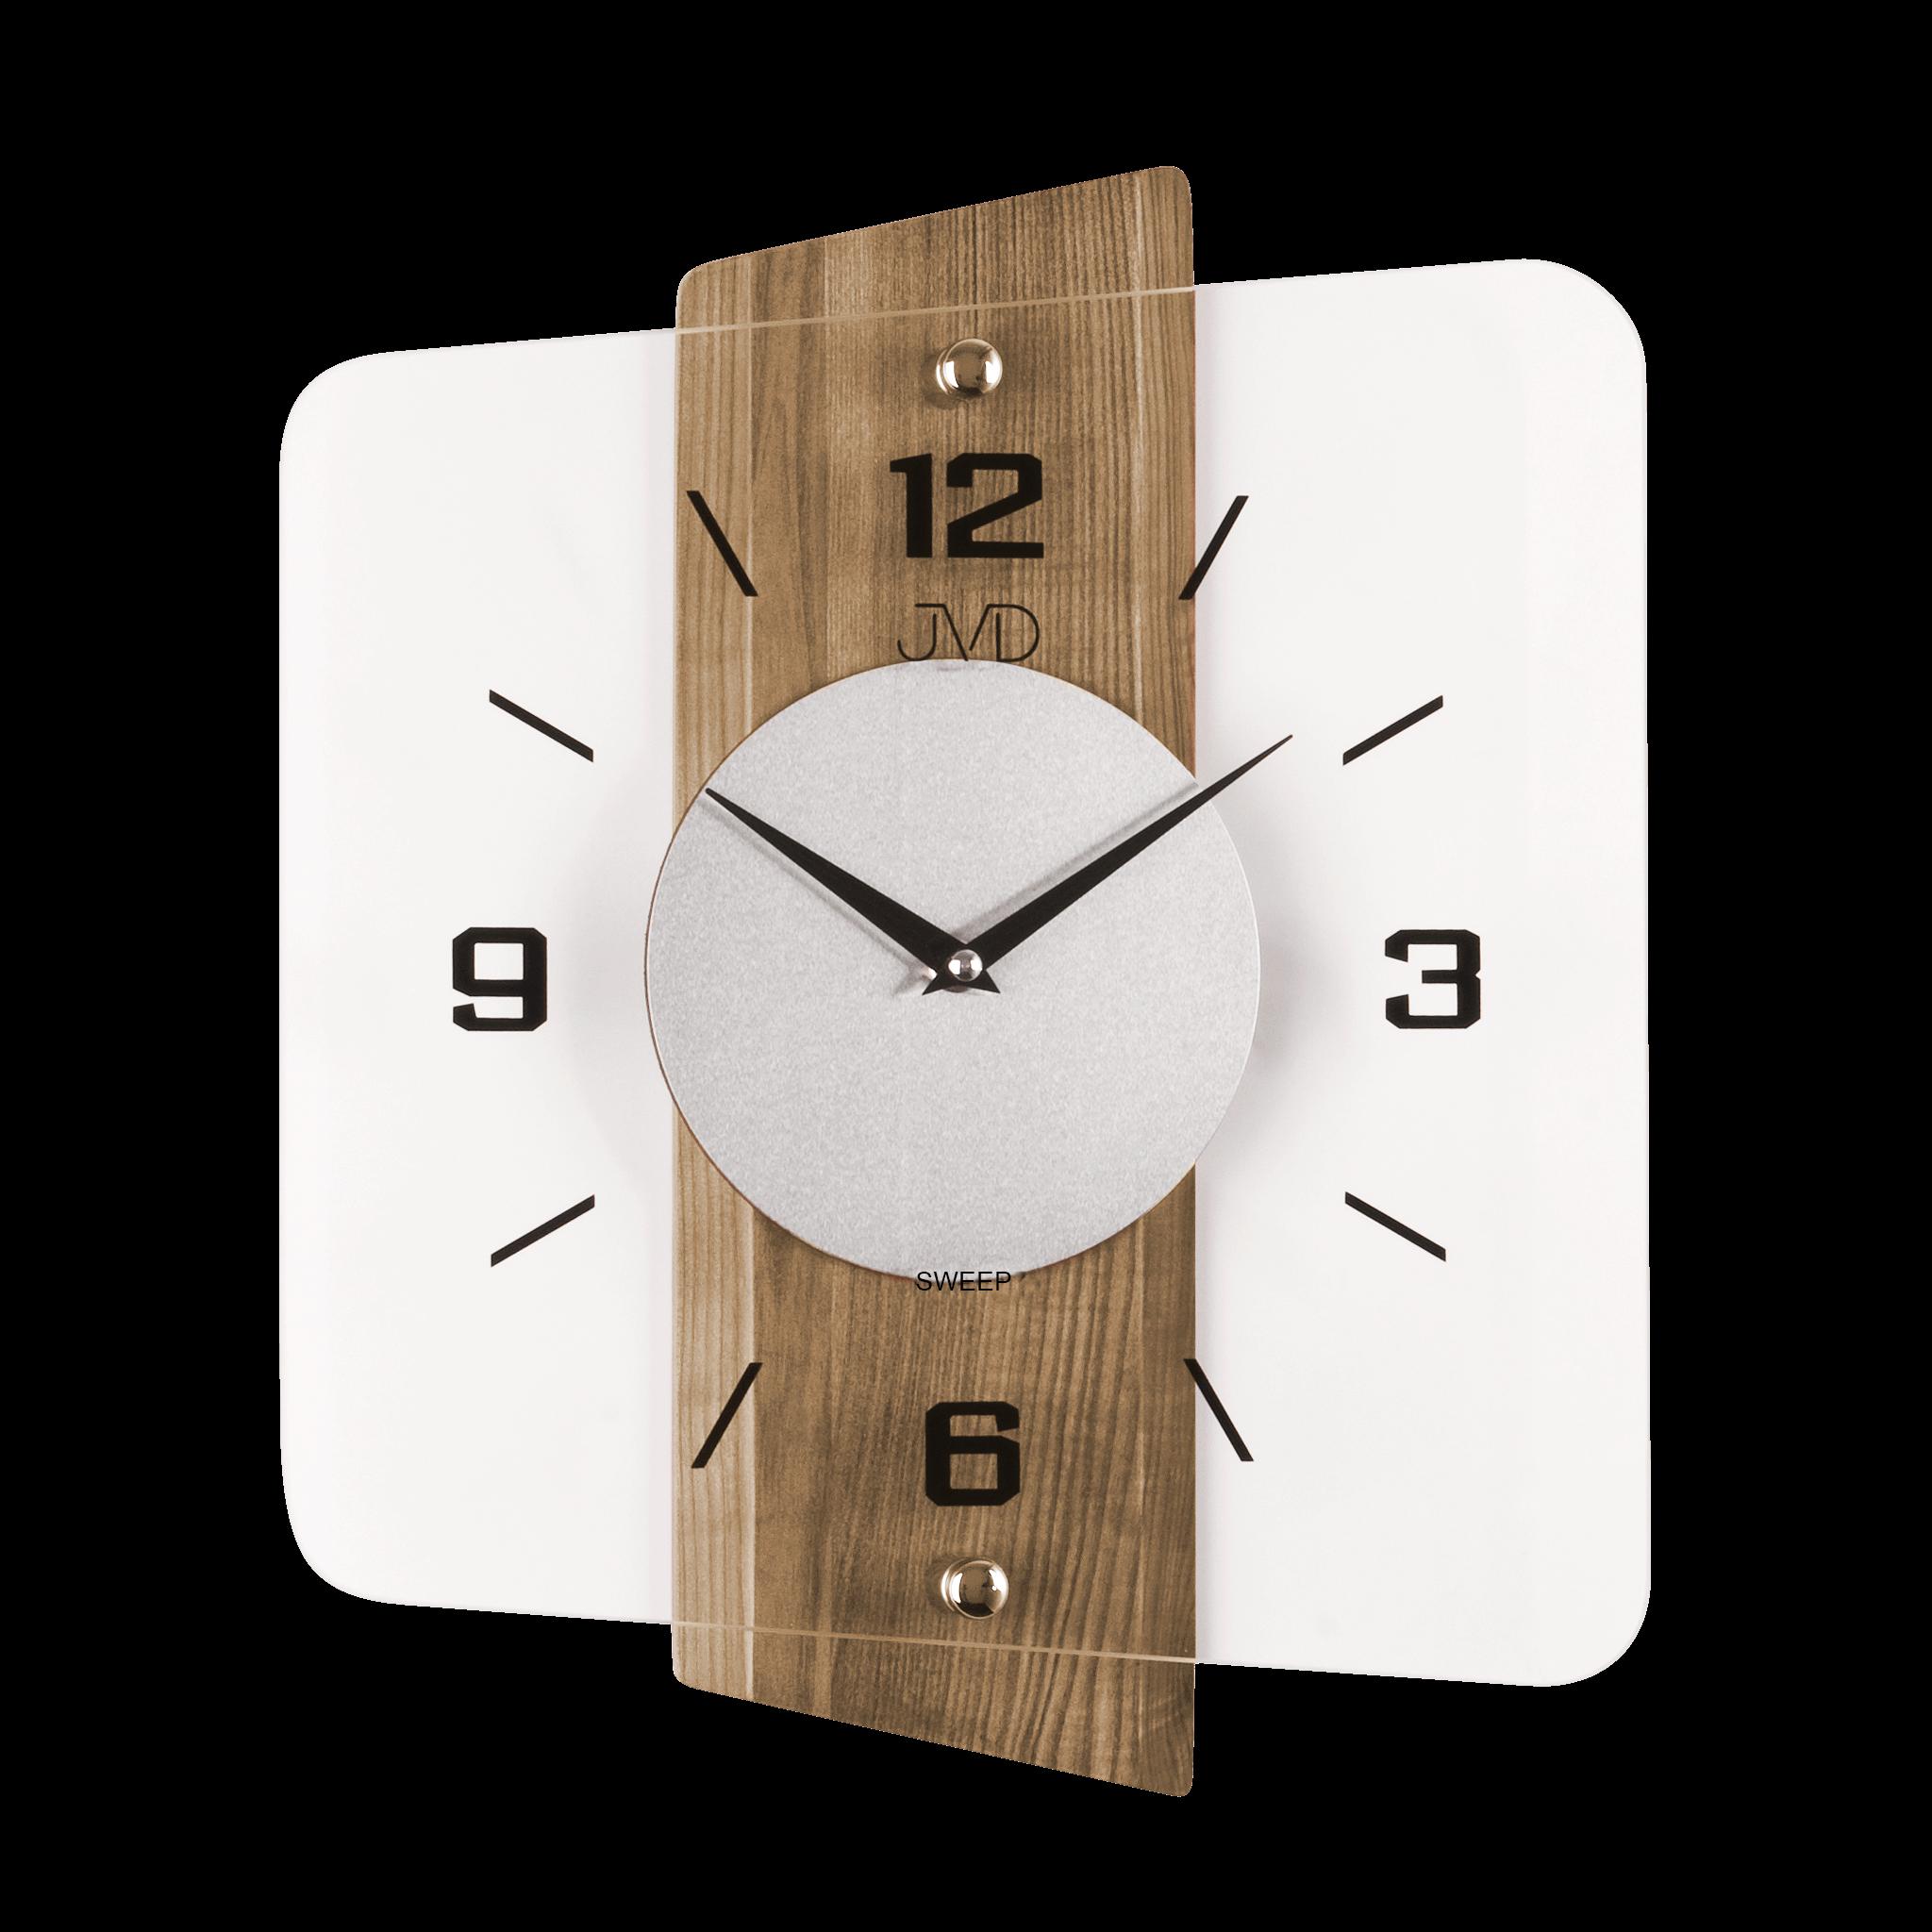 Skleněné dřevěné netikající tiché nástěnné hodiny JVD NS20131/78 (tiché netikající hodiny s plynulým chodem)